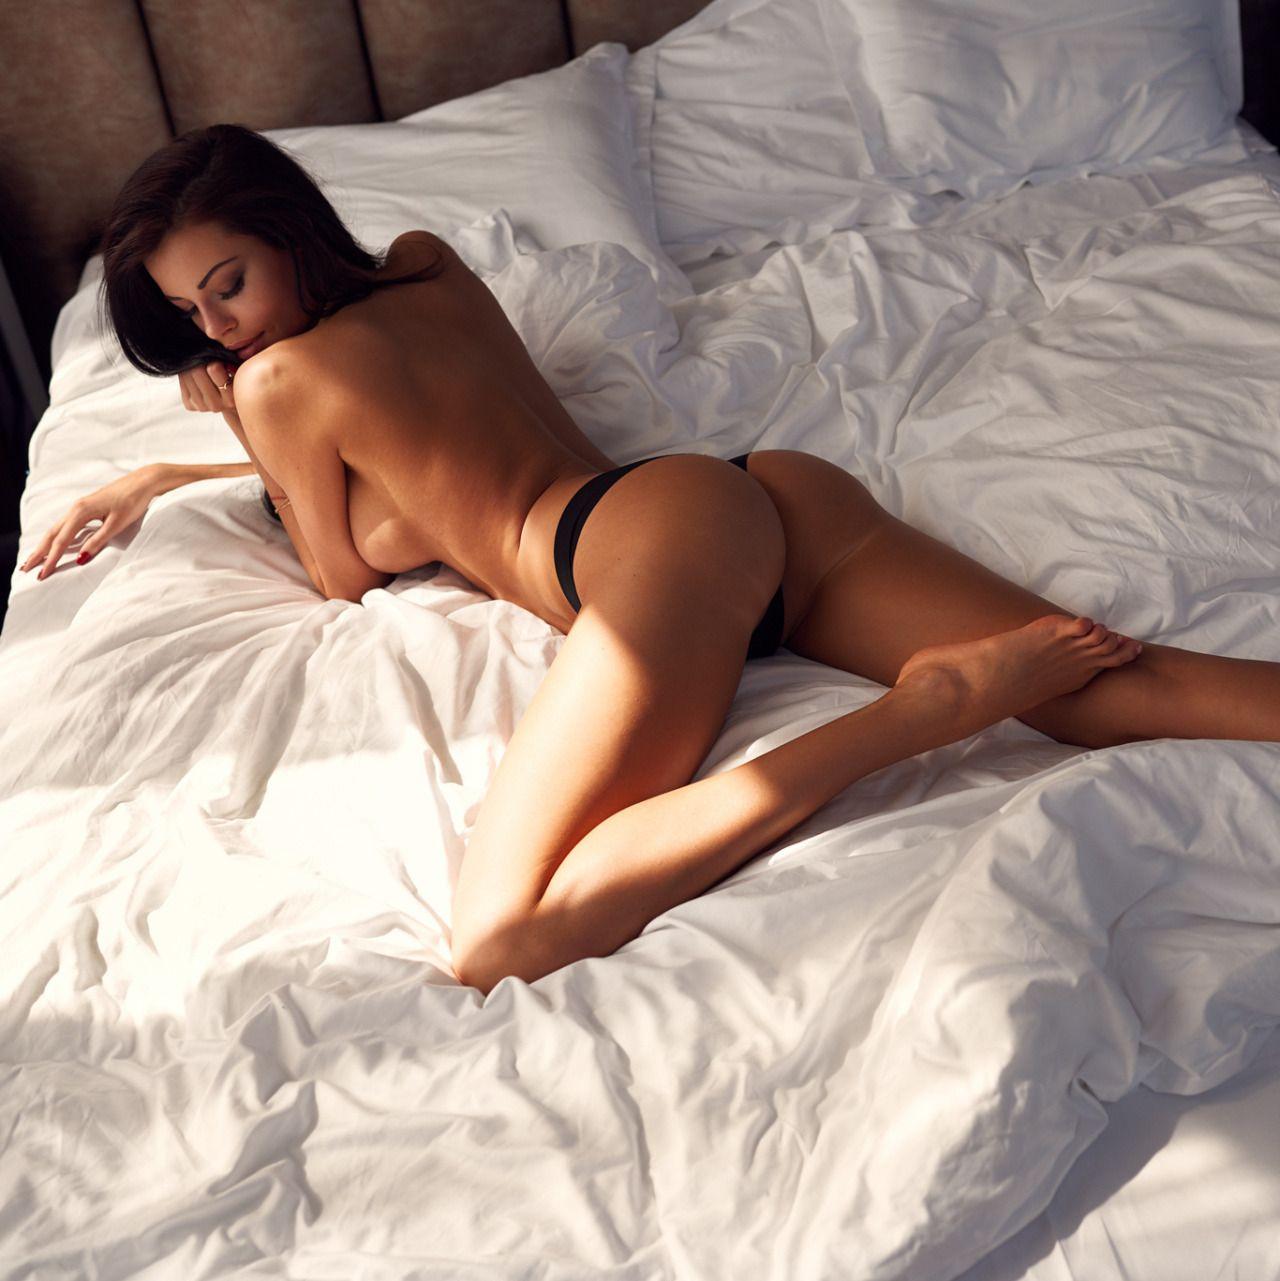 Ass sexy